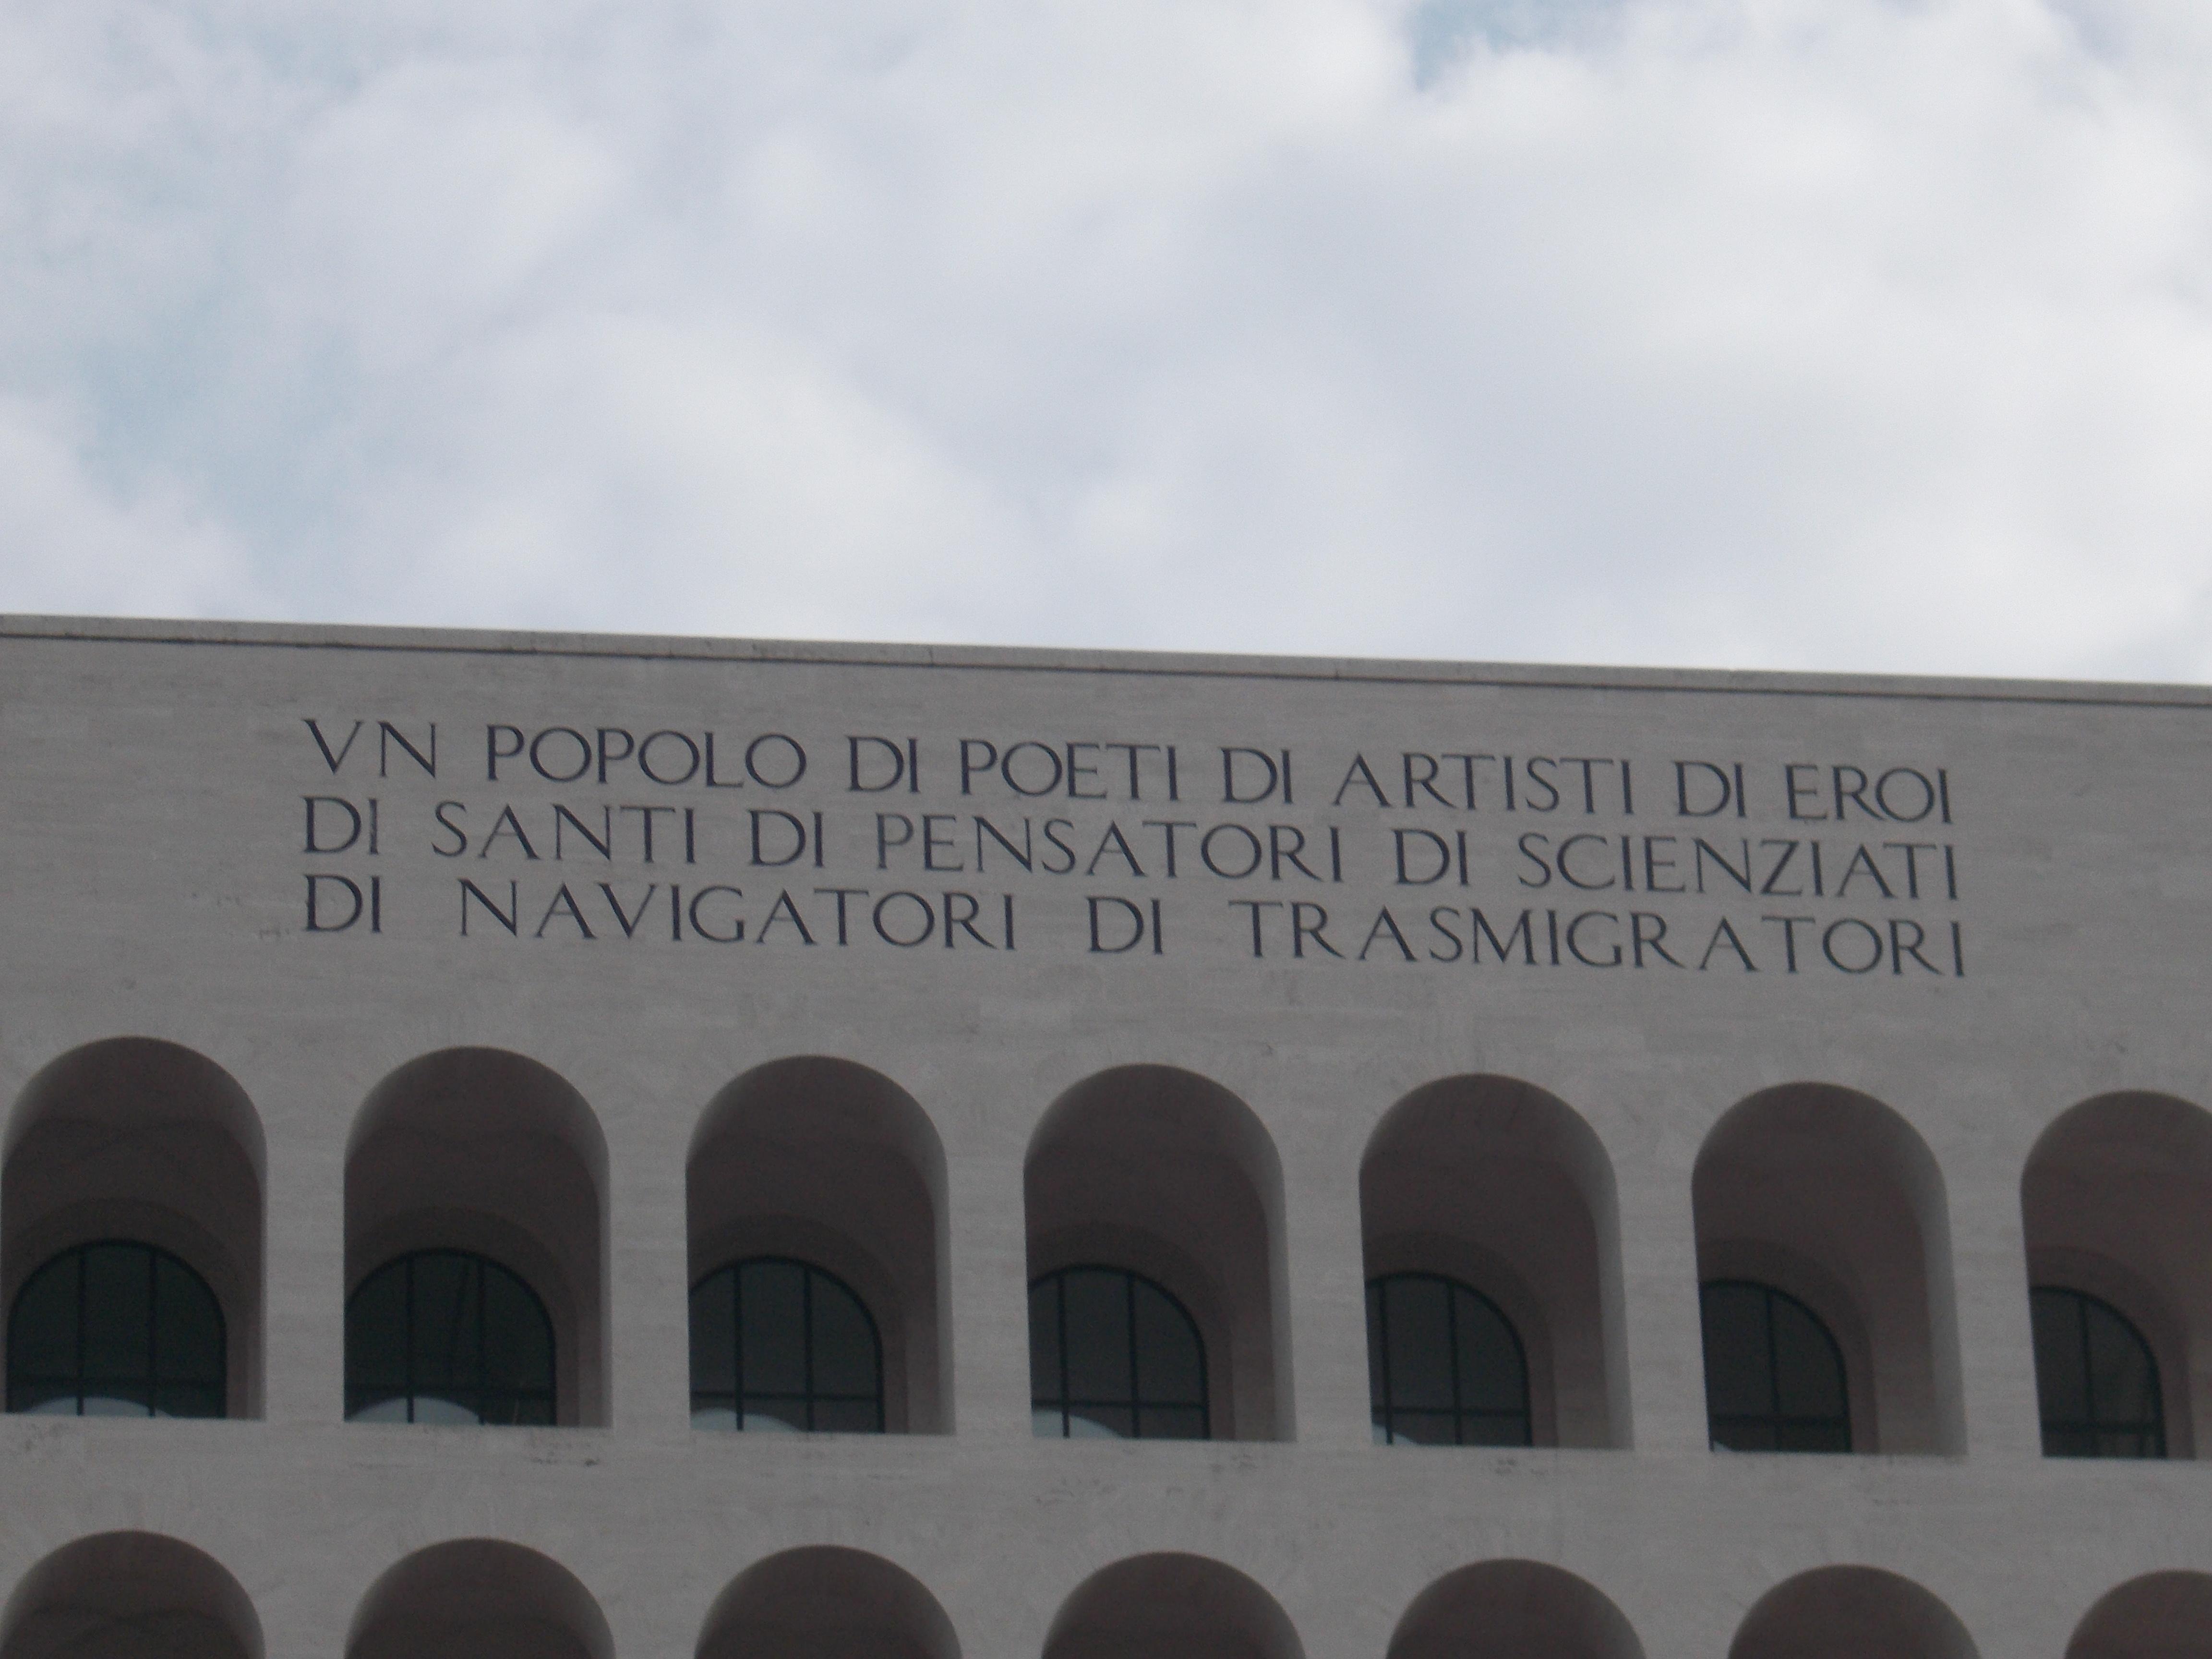 Ufficio Per Brevetti : Brevetti roboing